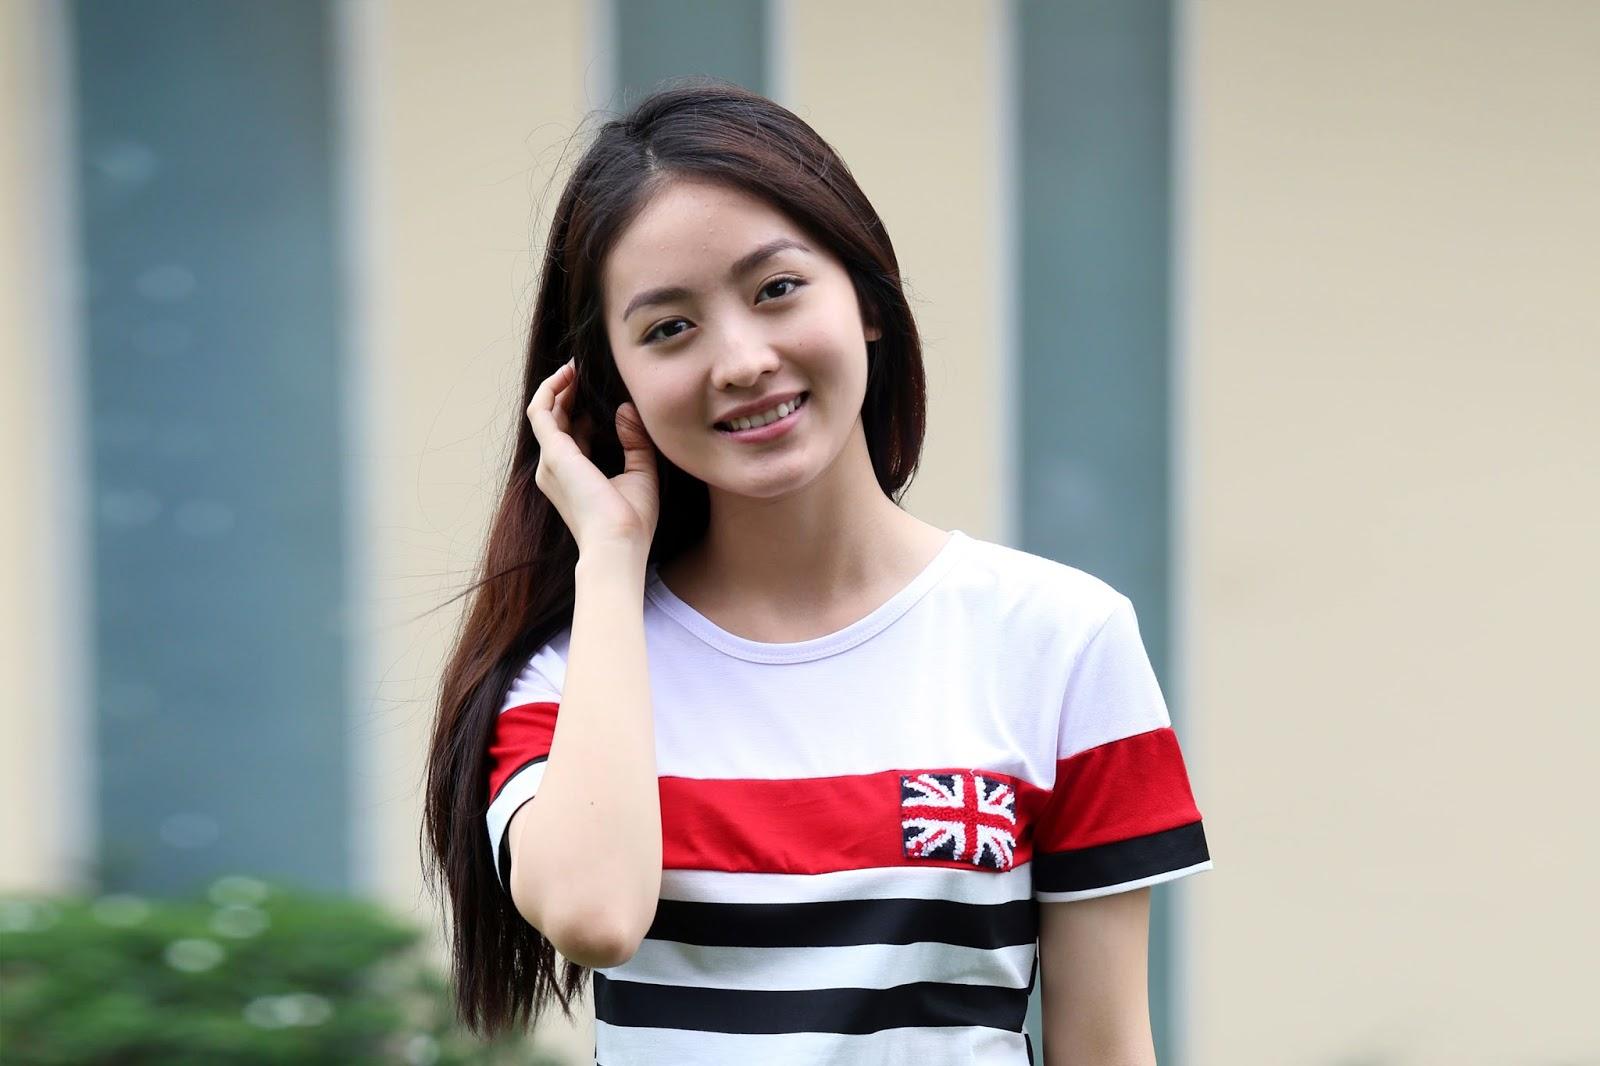 cewek cantik ikut casting agar dapat peran menjadi artis FTV terbaru